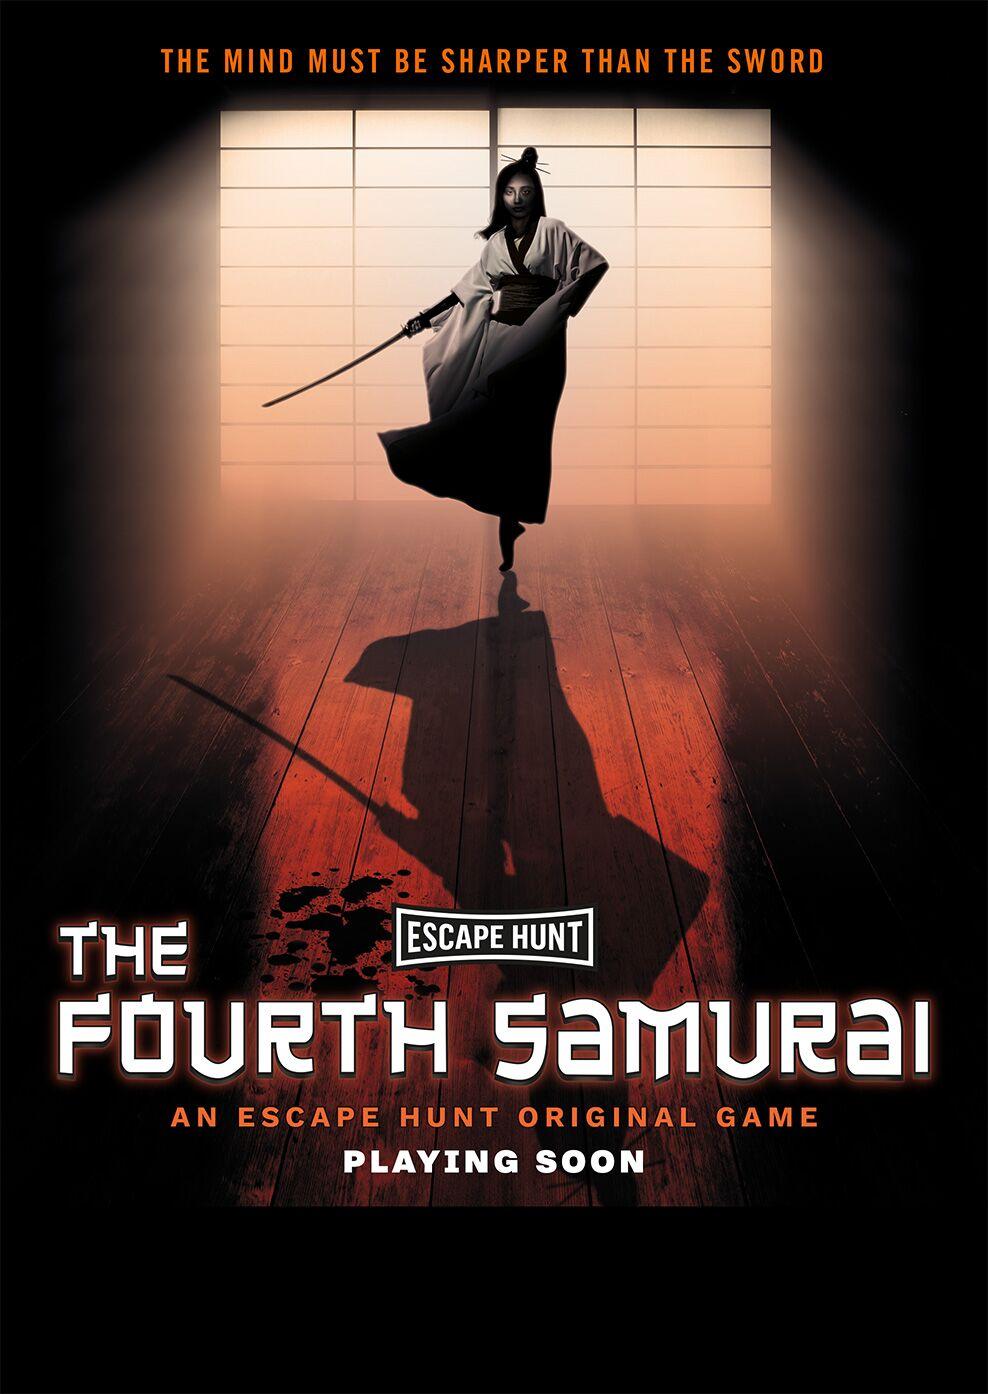 إسكايب هانت تقدّم لعبة جديدة تدعى الساموراي الرابع خلال الشهر الجاري